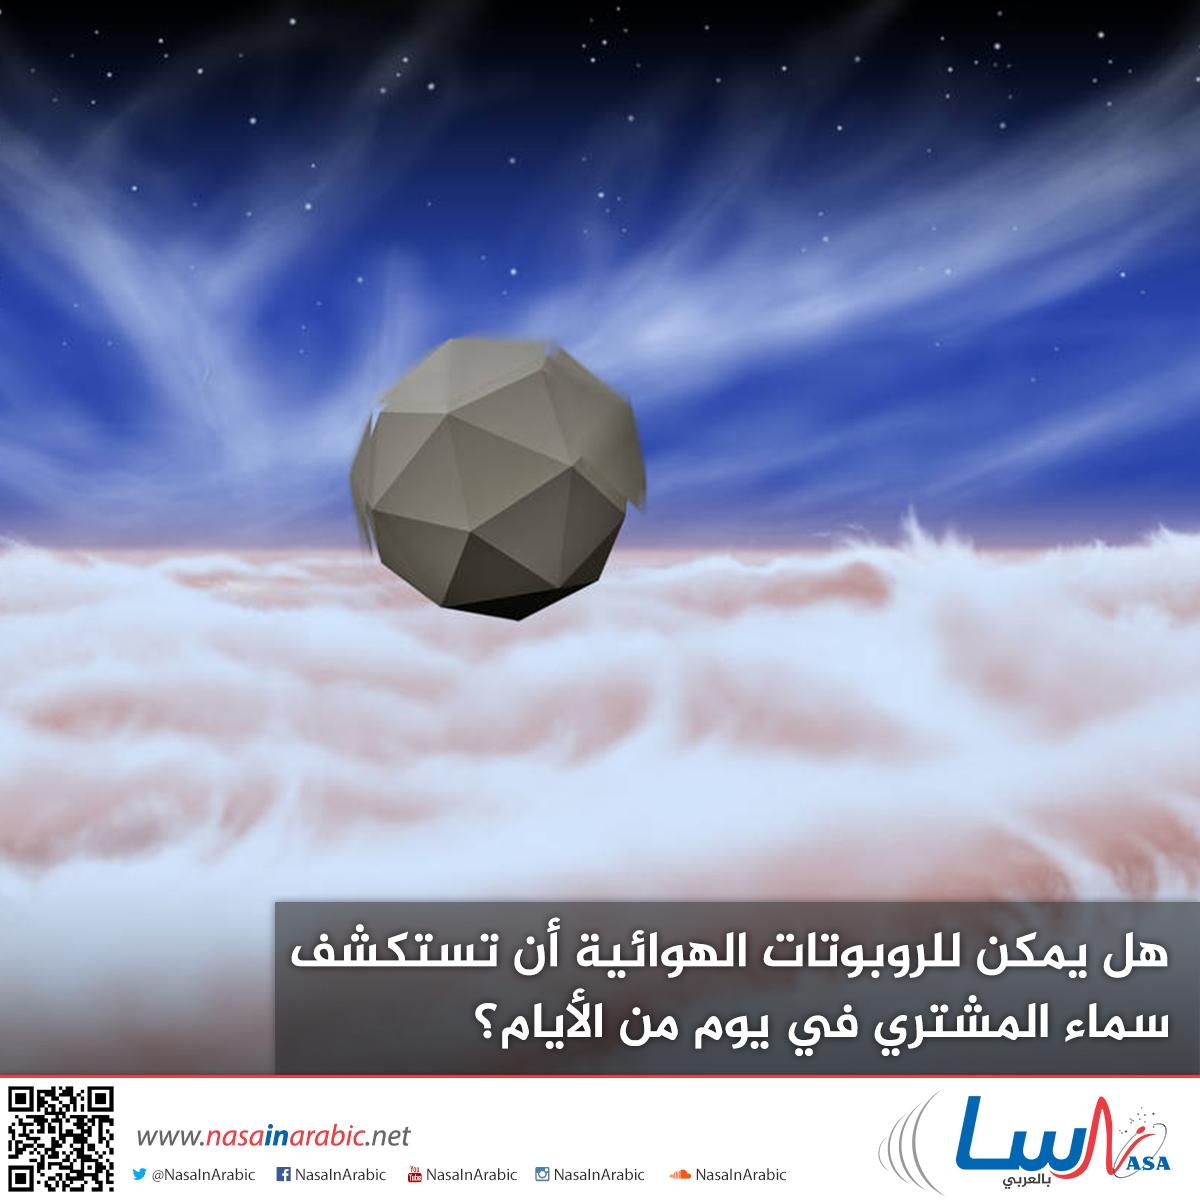 هل يمكن للروبوتات الهوائية أن تستكشف سماء المشتري في يوم من الأيام؟